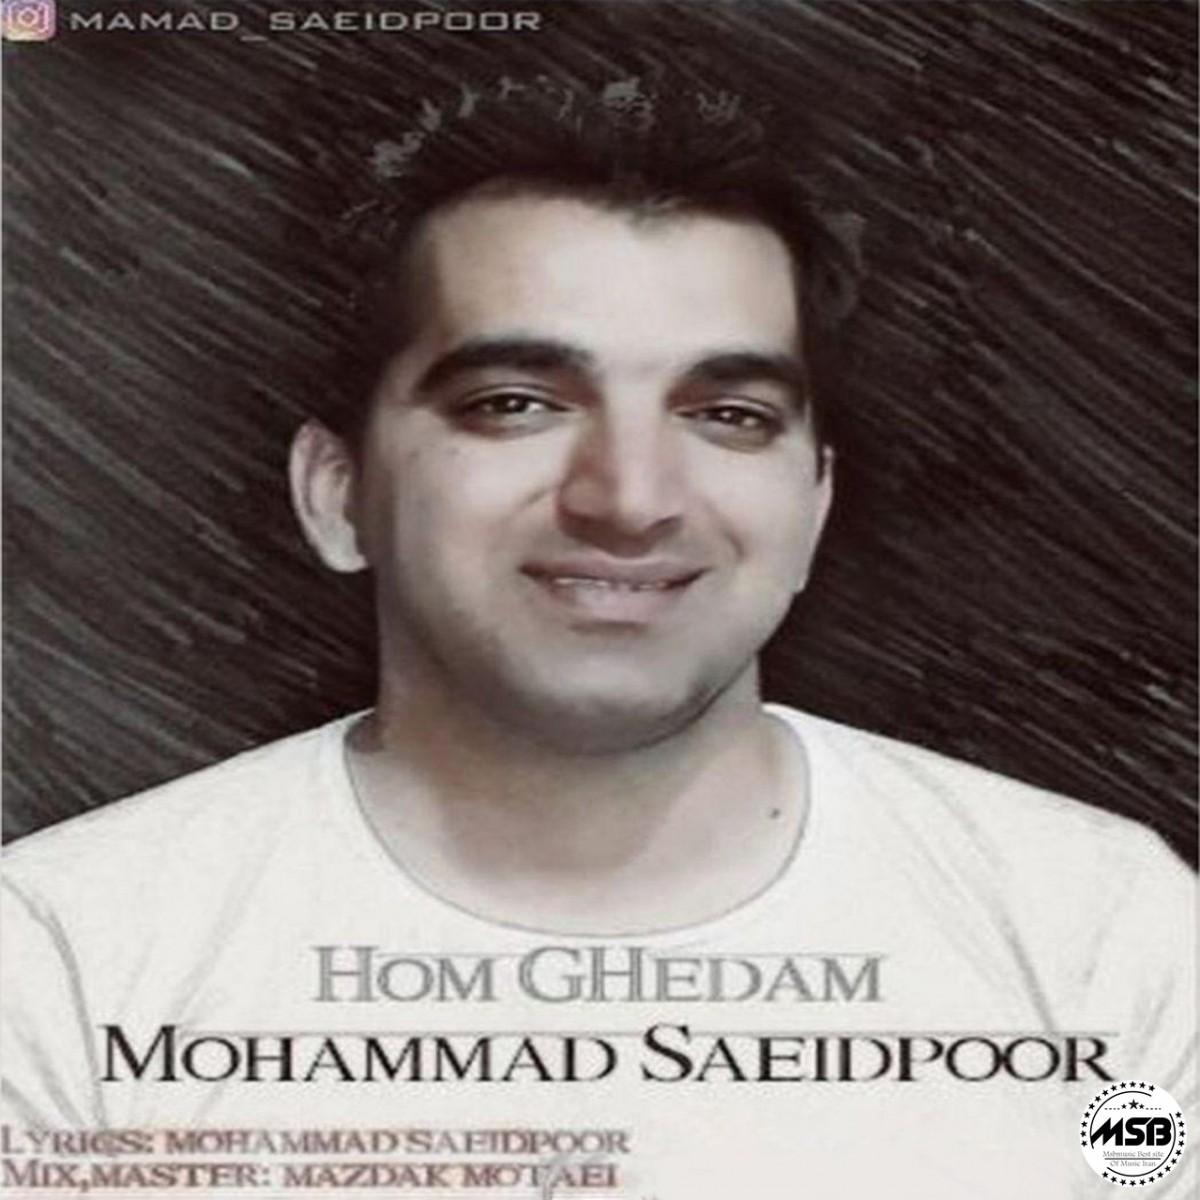 دانلود آهنگ محمد سعیدپور بنام هم قدم